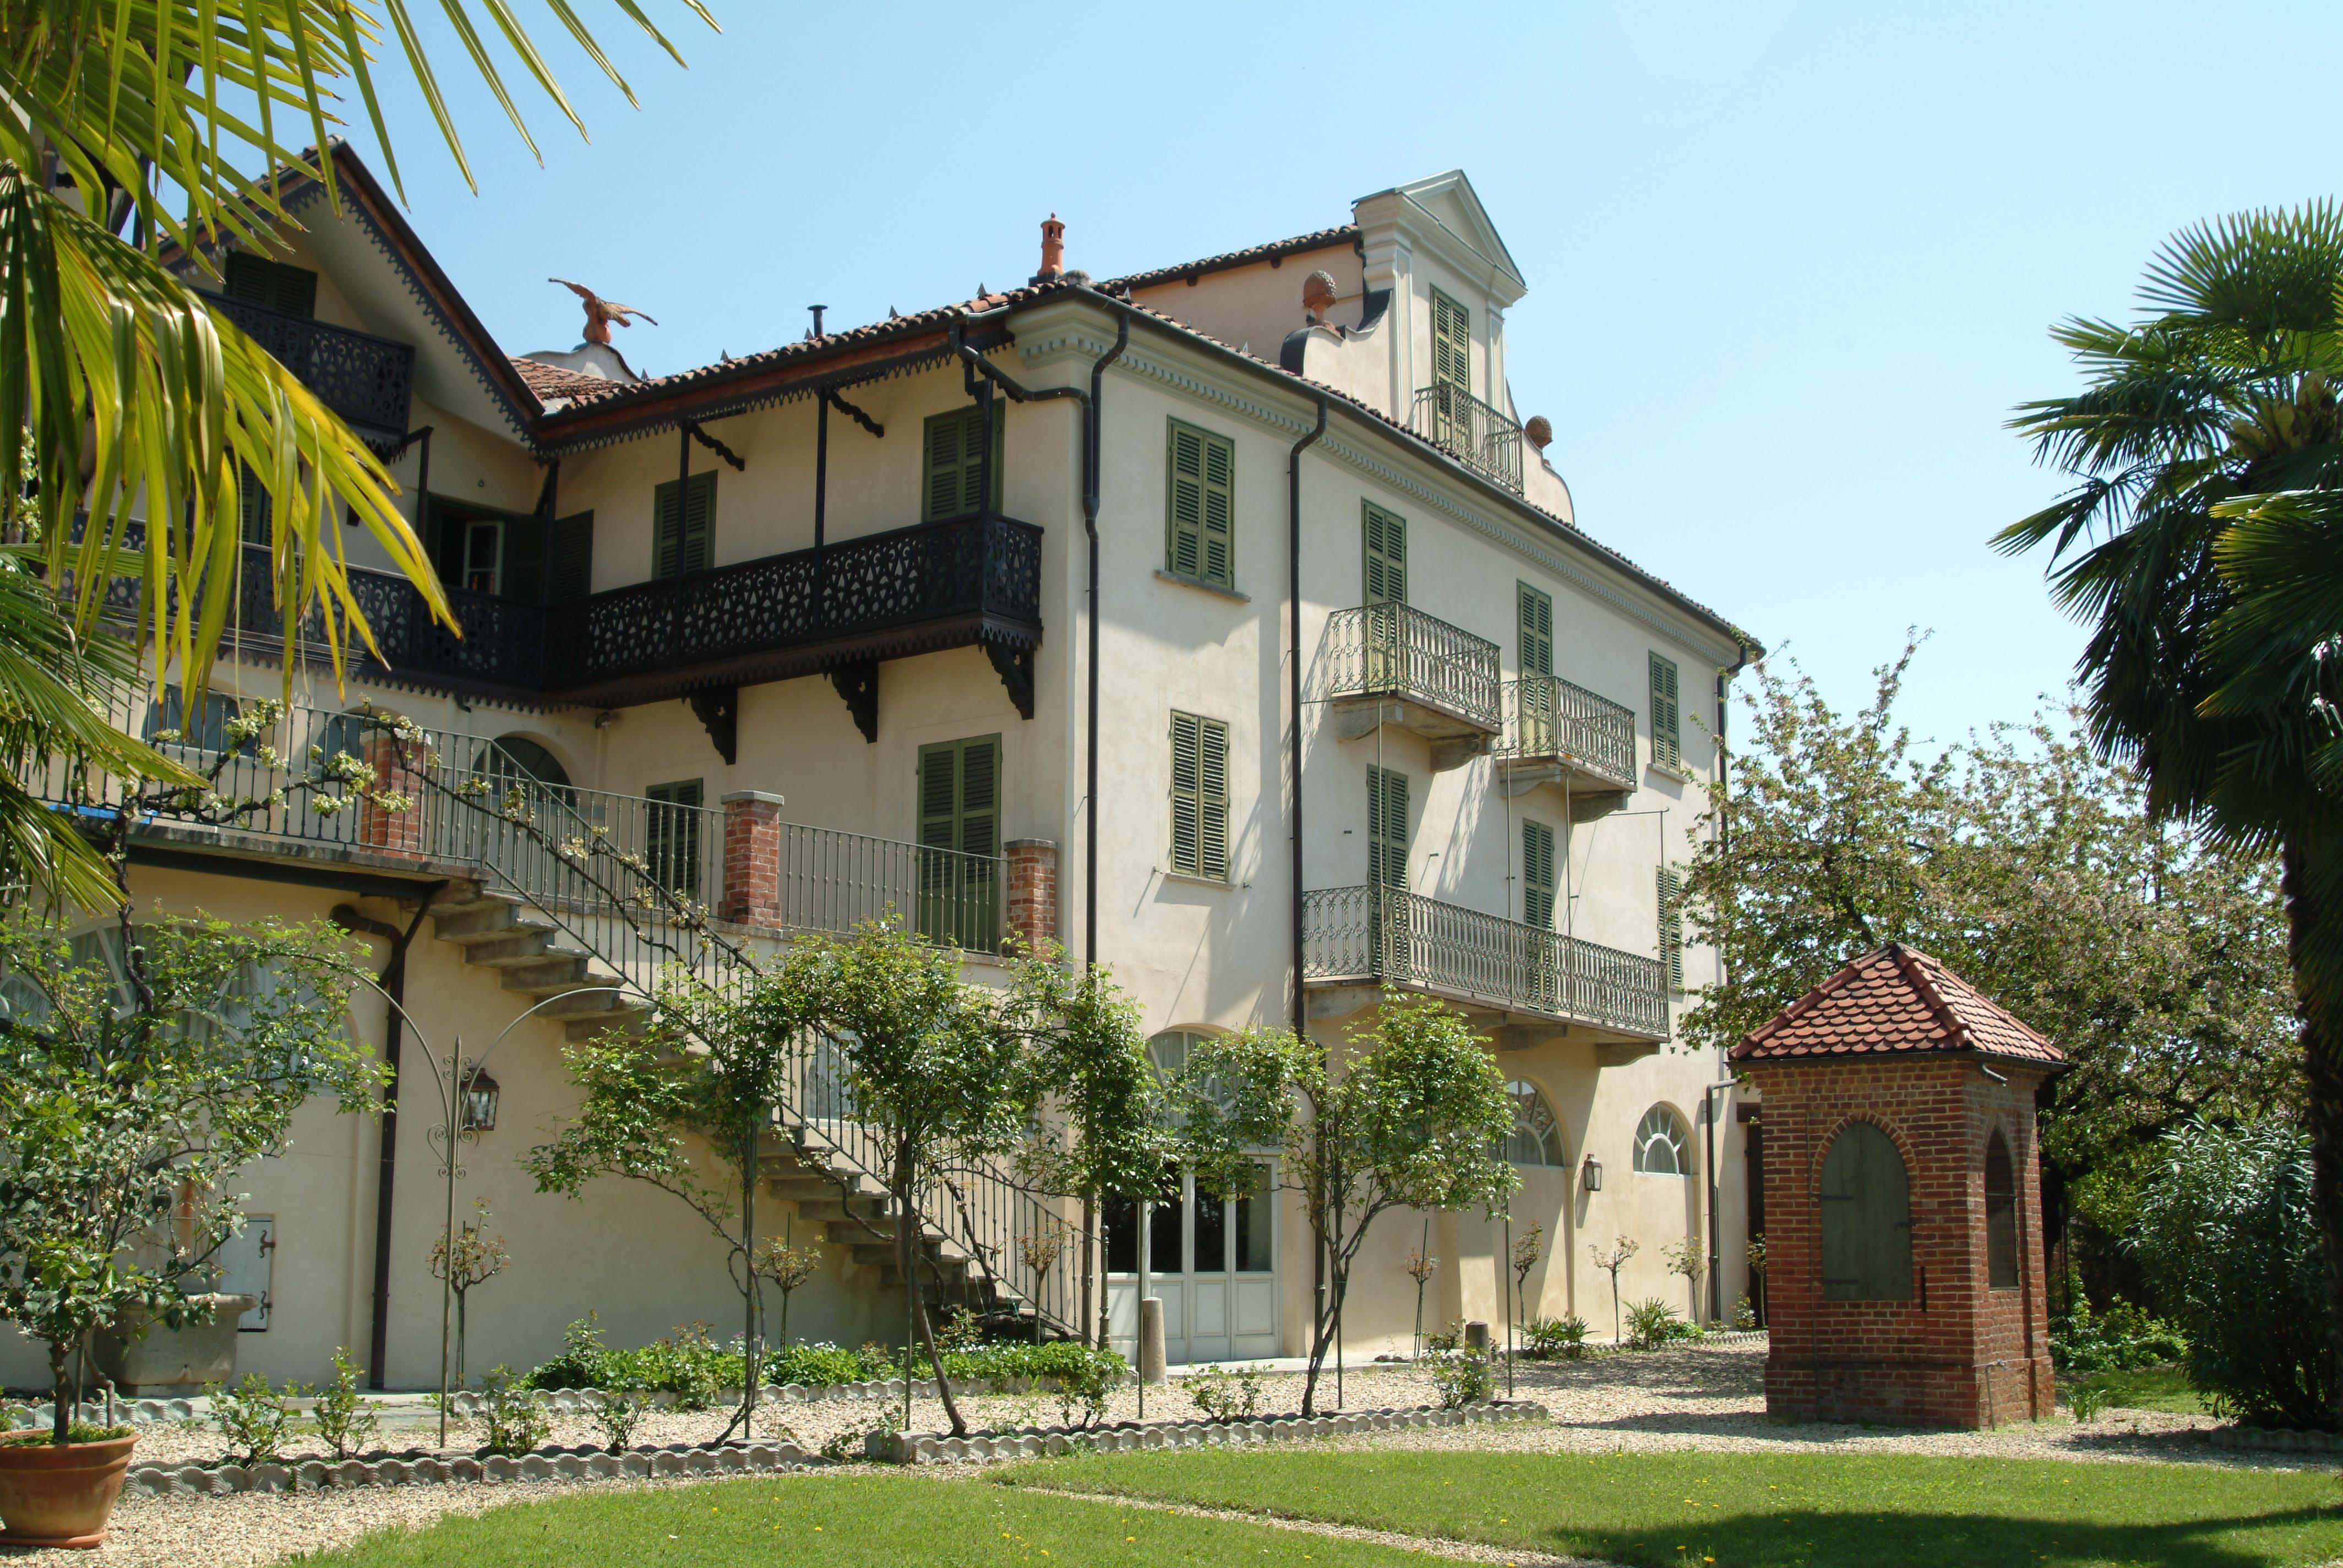 Dimora storica e giardini casa zuccala di marentino turismo torino e provincia - Giardini di casa ...